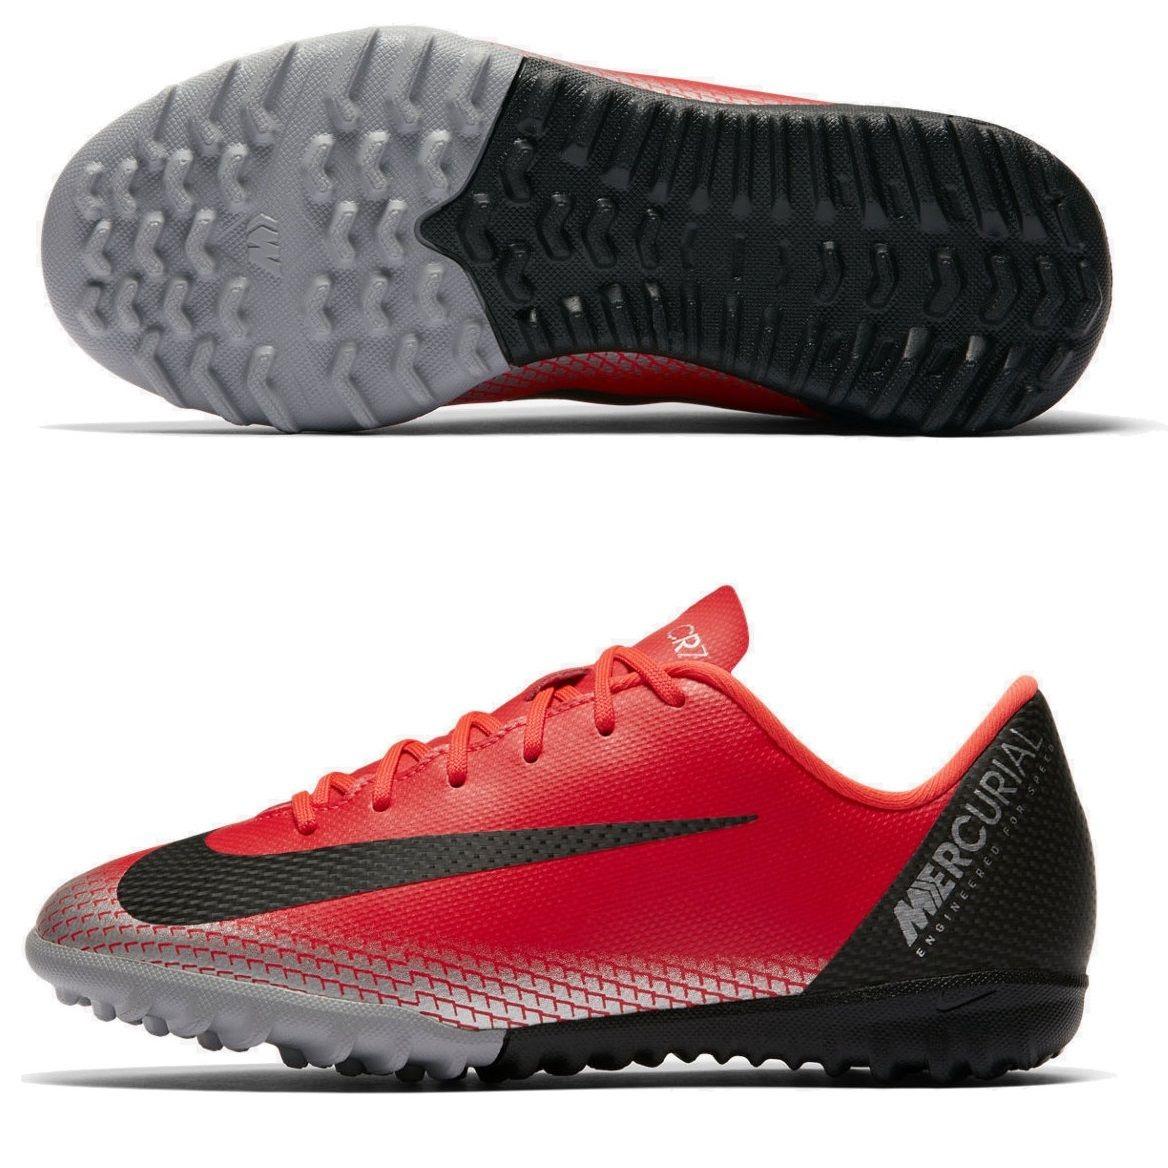 4b12df1c Детские сороконожки Nike JR Mercurial VaporX 12 Academy TF AJ3100-600:  EU-36,5